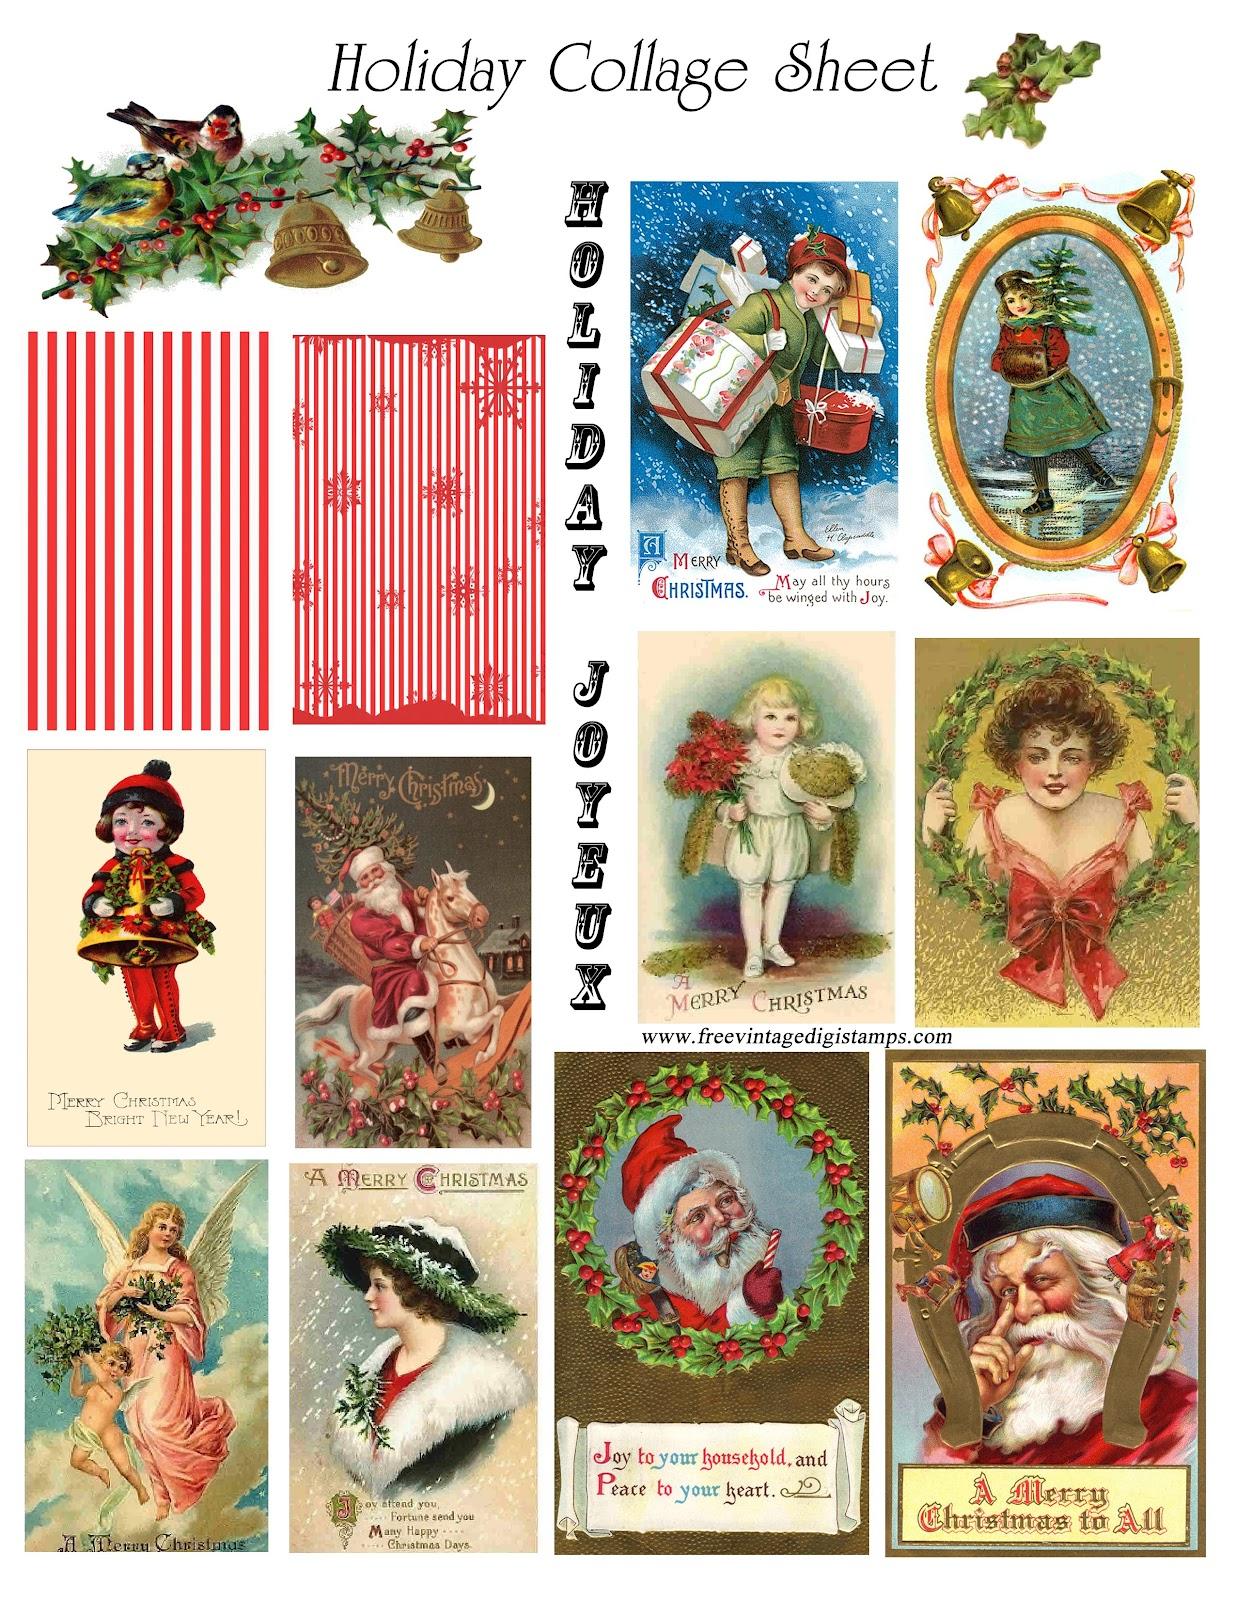 Free Vintage Digital Stamps Free Vintage Printable